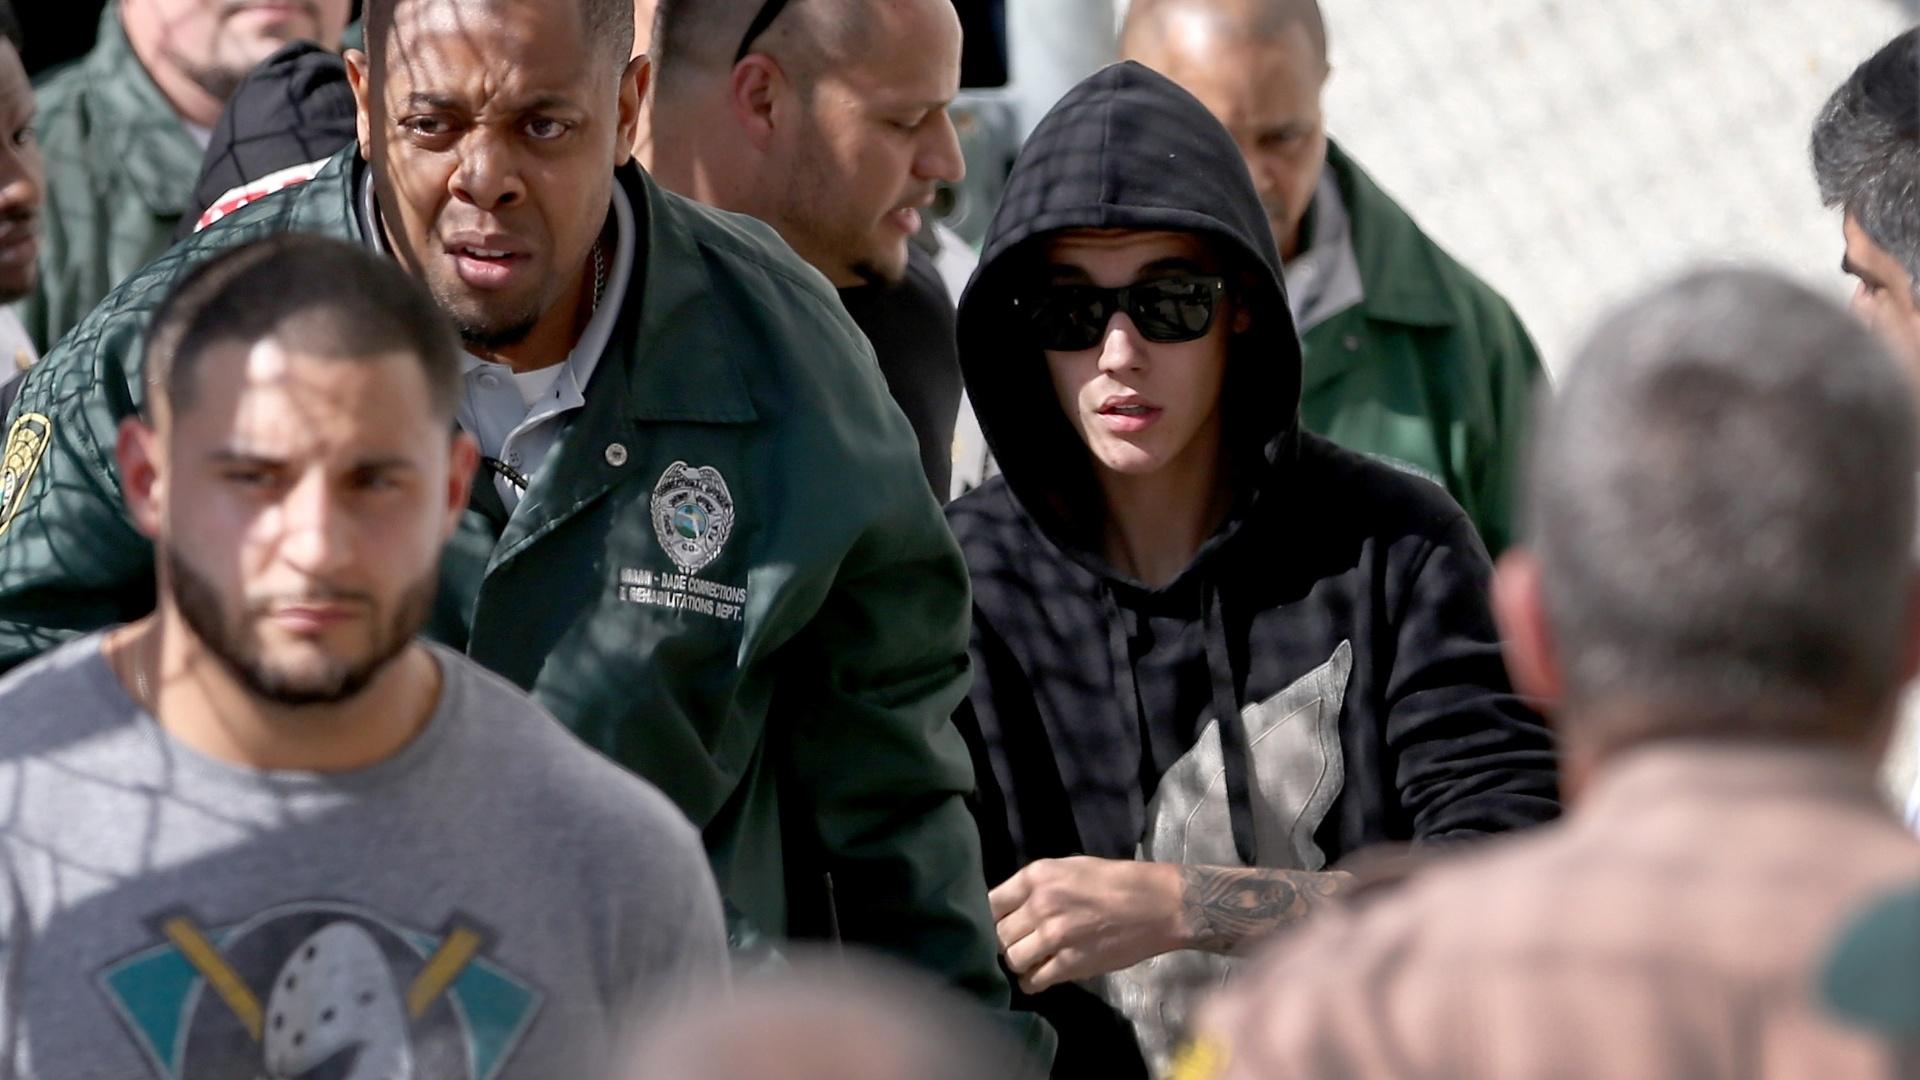 23.jan.2014 - Justin Bieber deixou a prisão após comparecer à primeira audiência, no Centro de Correção Turner Guilford Knight, em Miami. O cantor foi preso por dirigir alcoolizado e se envolver em racha